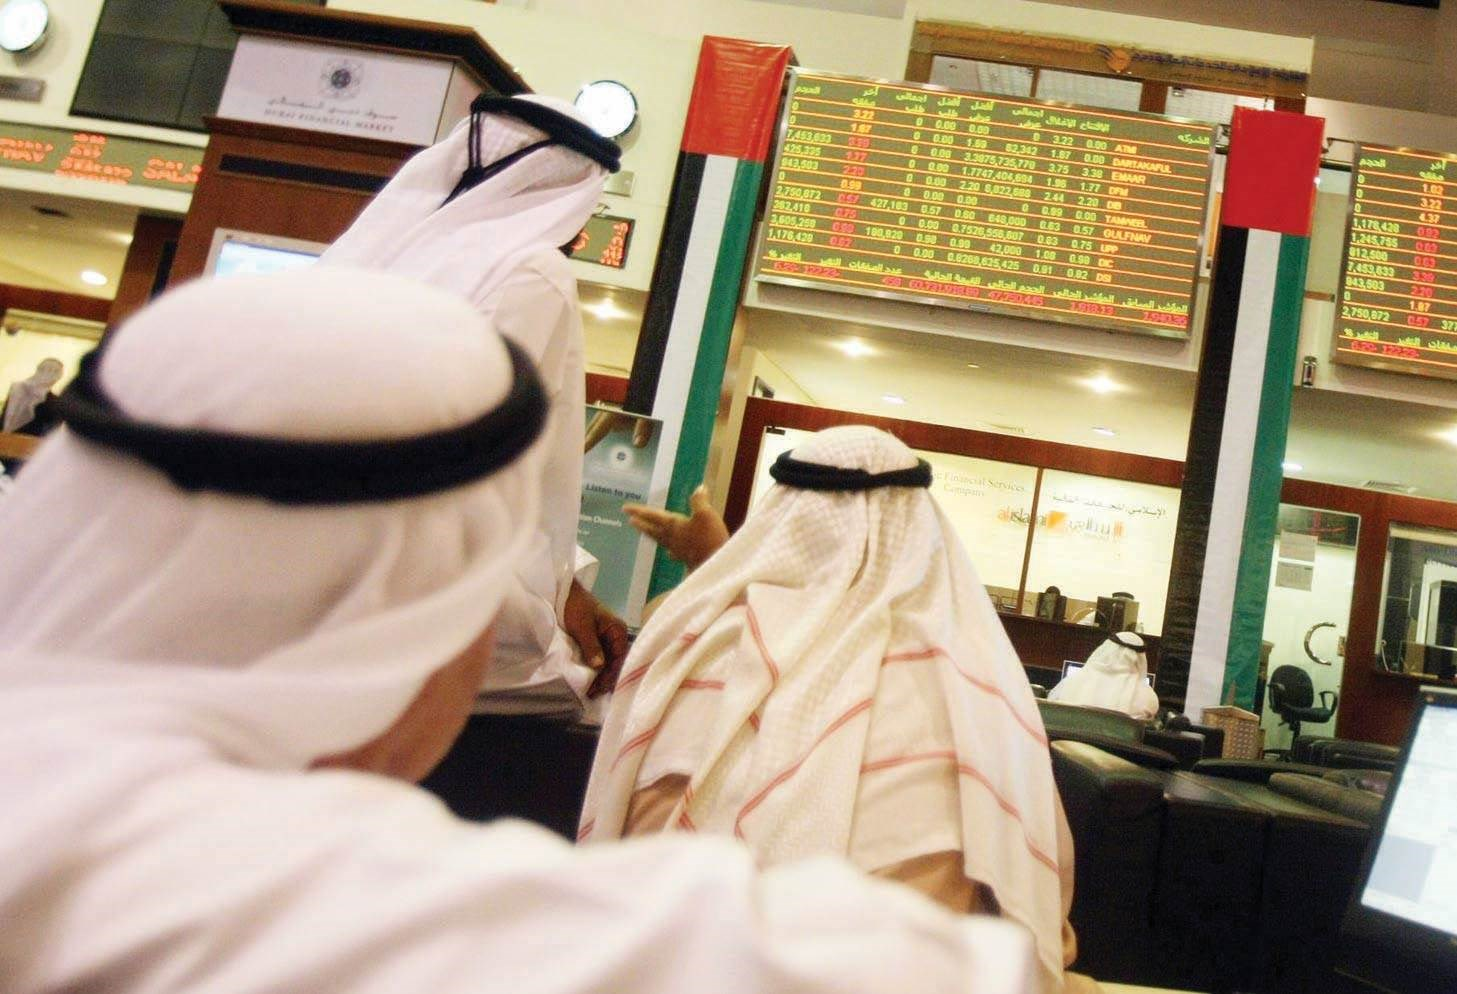 بورصتا دبي وأبو ظبي تحقق ارتفاعات عند الإغلاق اليوم الأحد